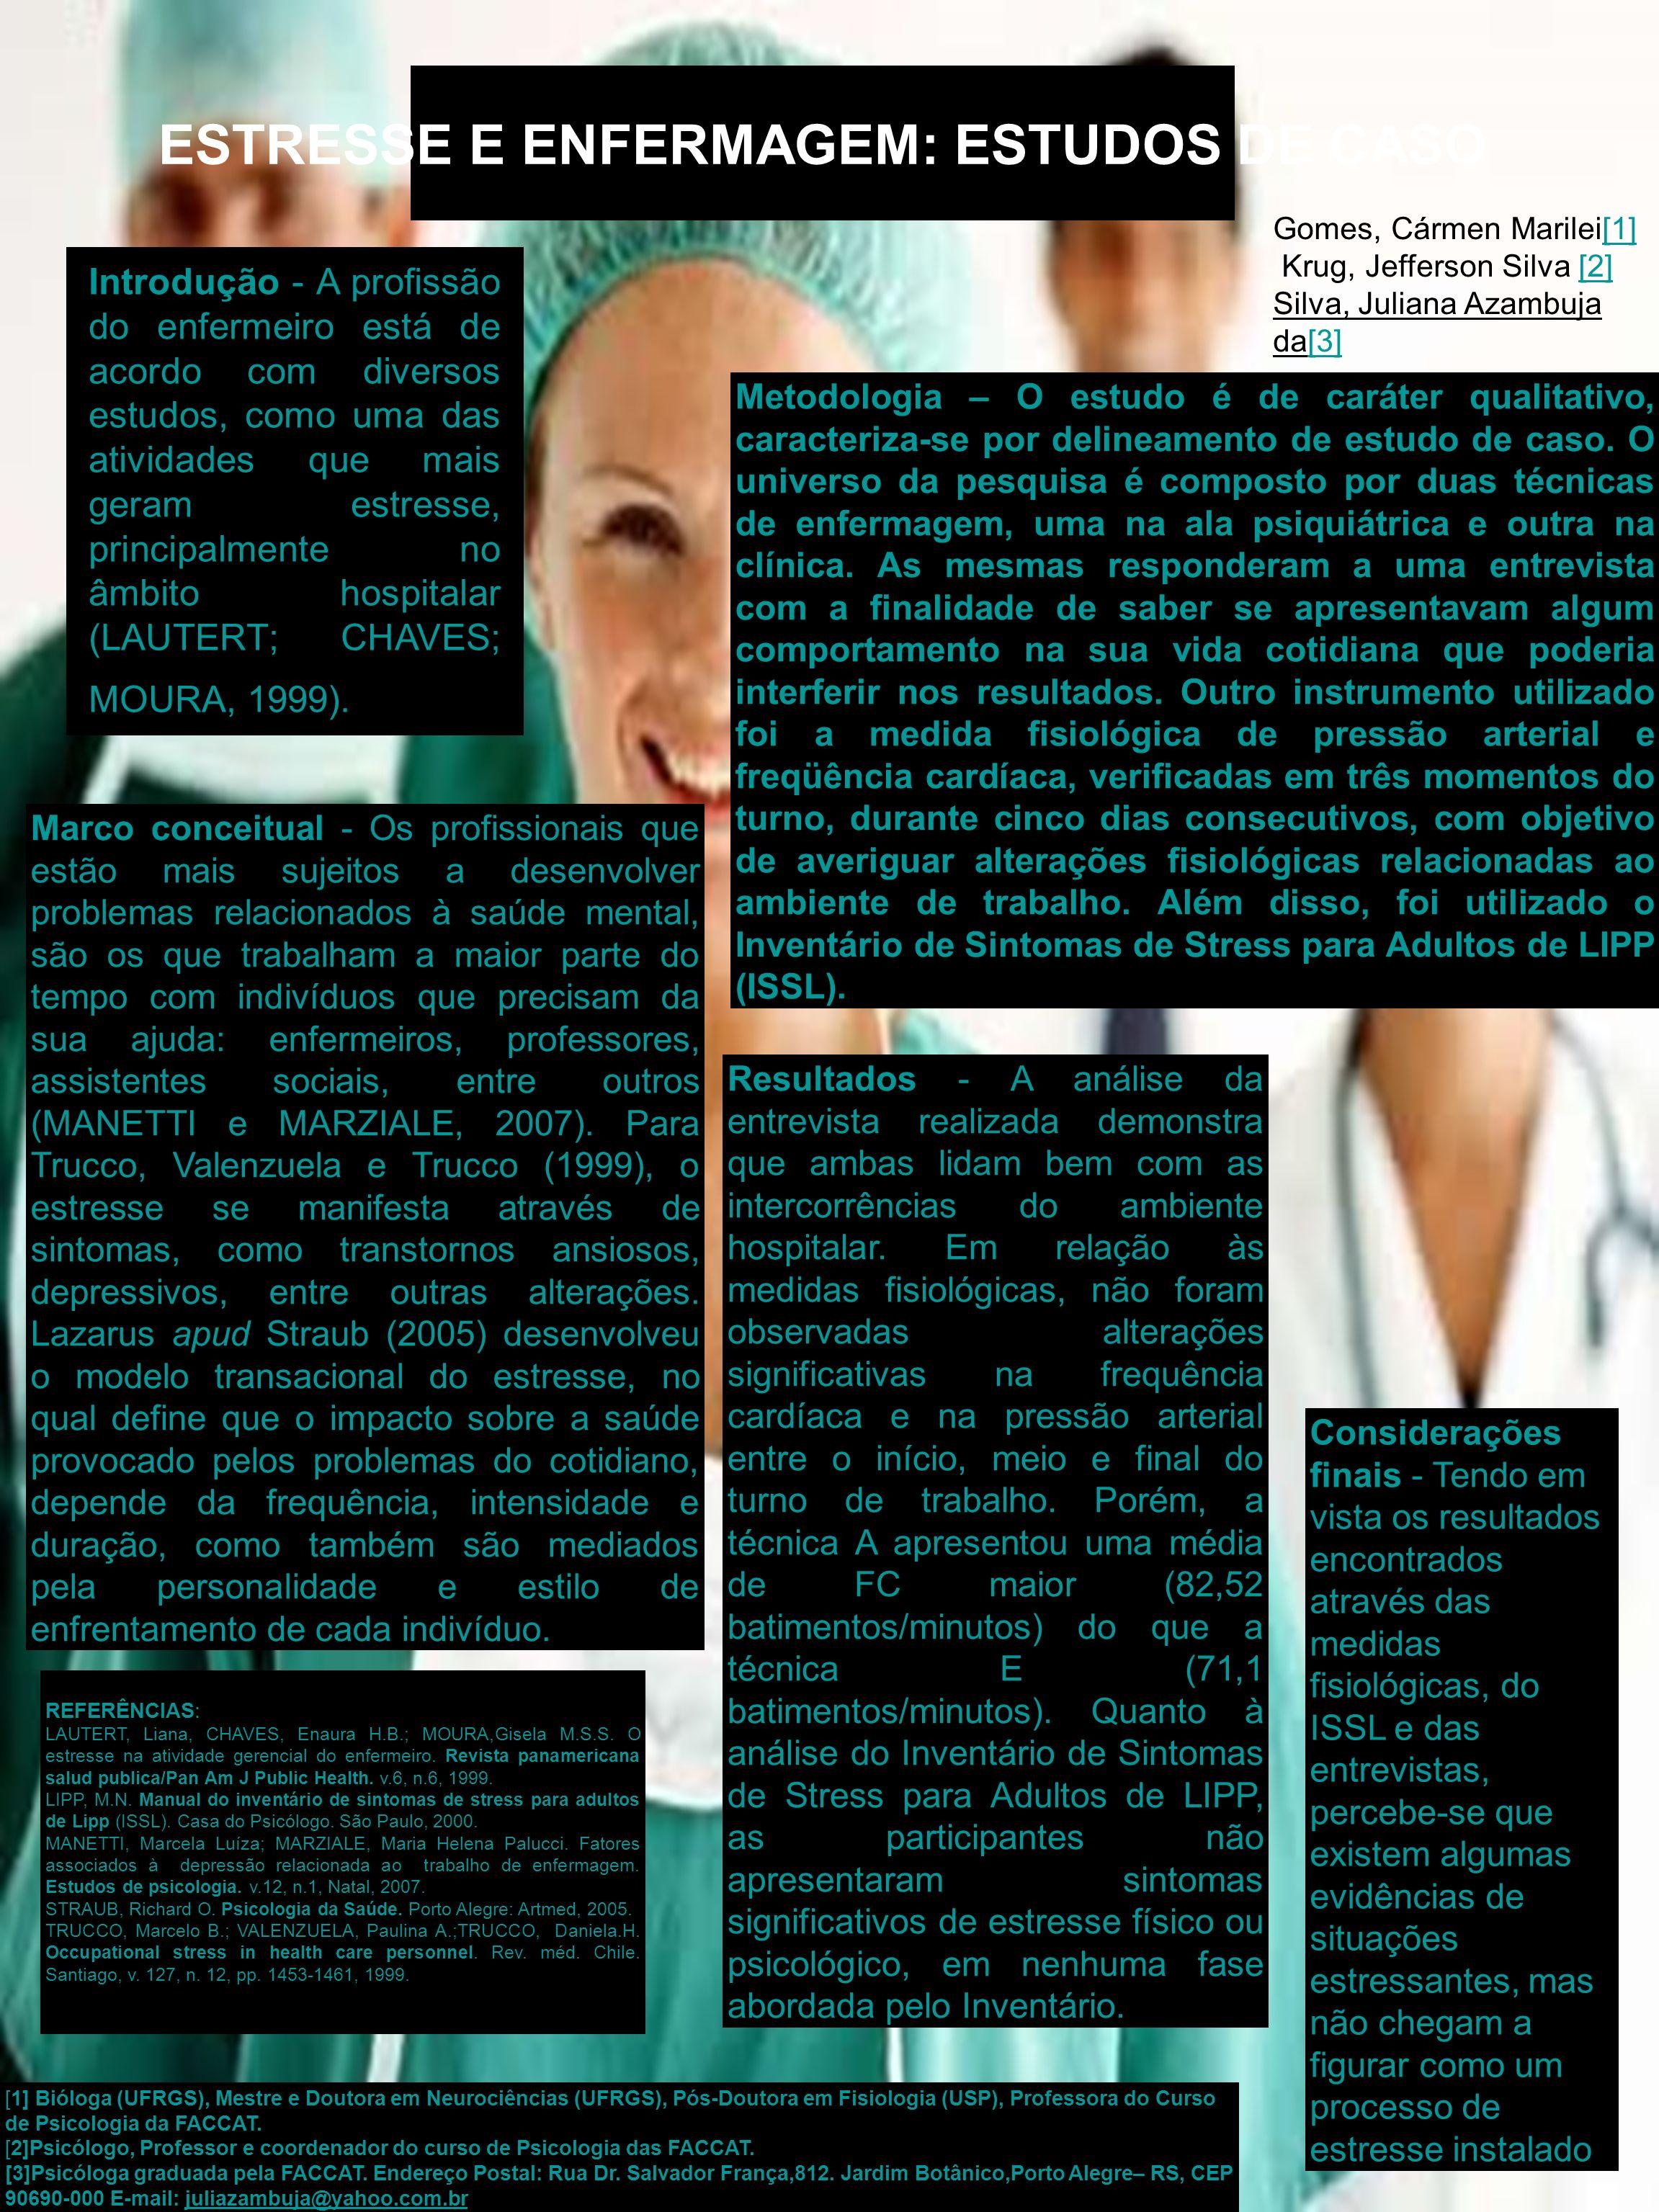 ESTRESSE E ENFERMAGEM: ESTUDOS DE CASO Introdução - A profissão do enfermeiro está de acordo com diversos estudos, como uma das atividades que mais ge